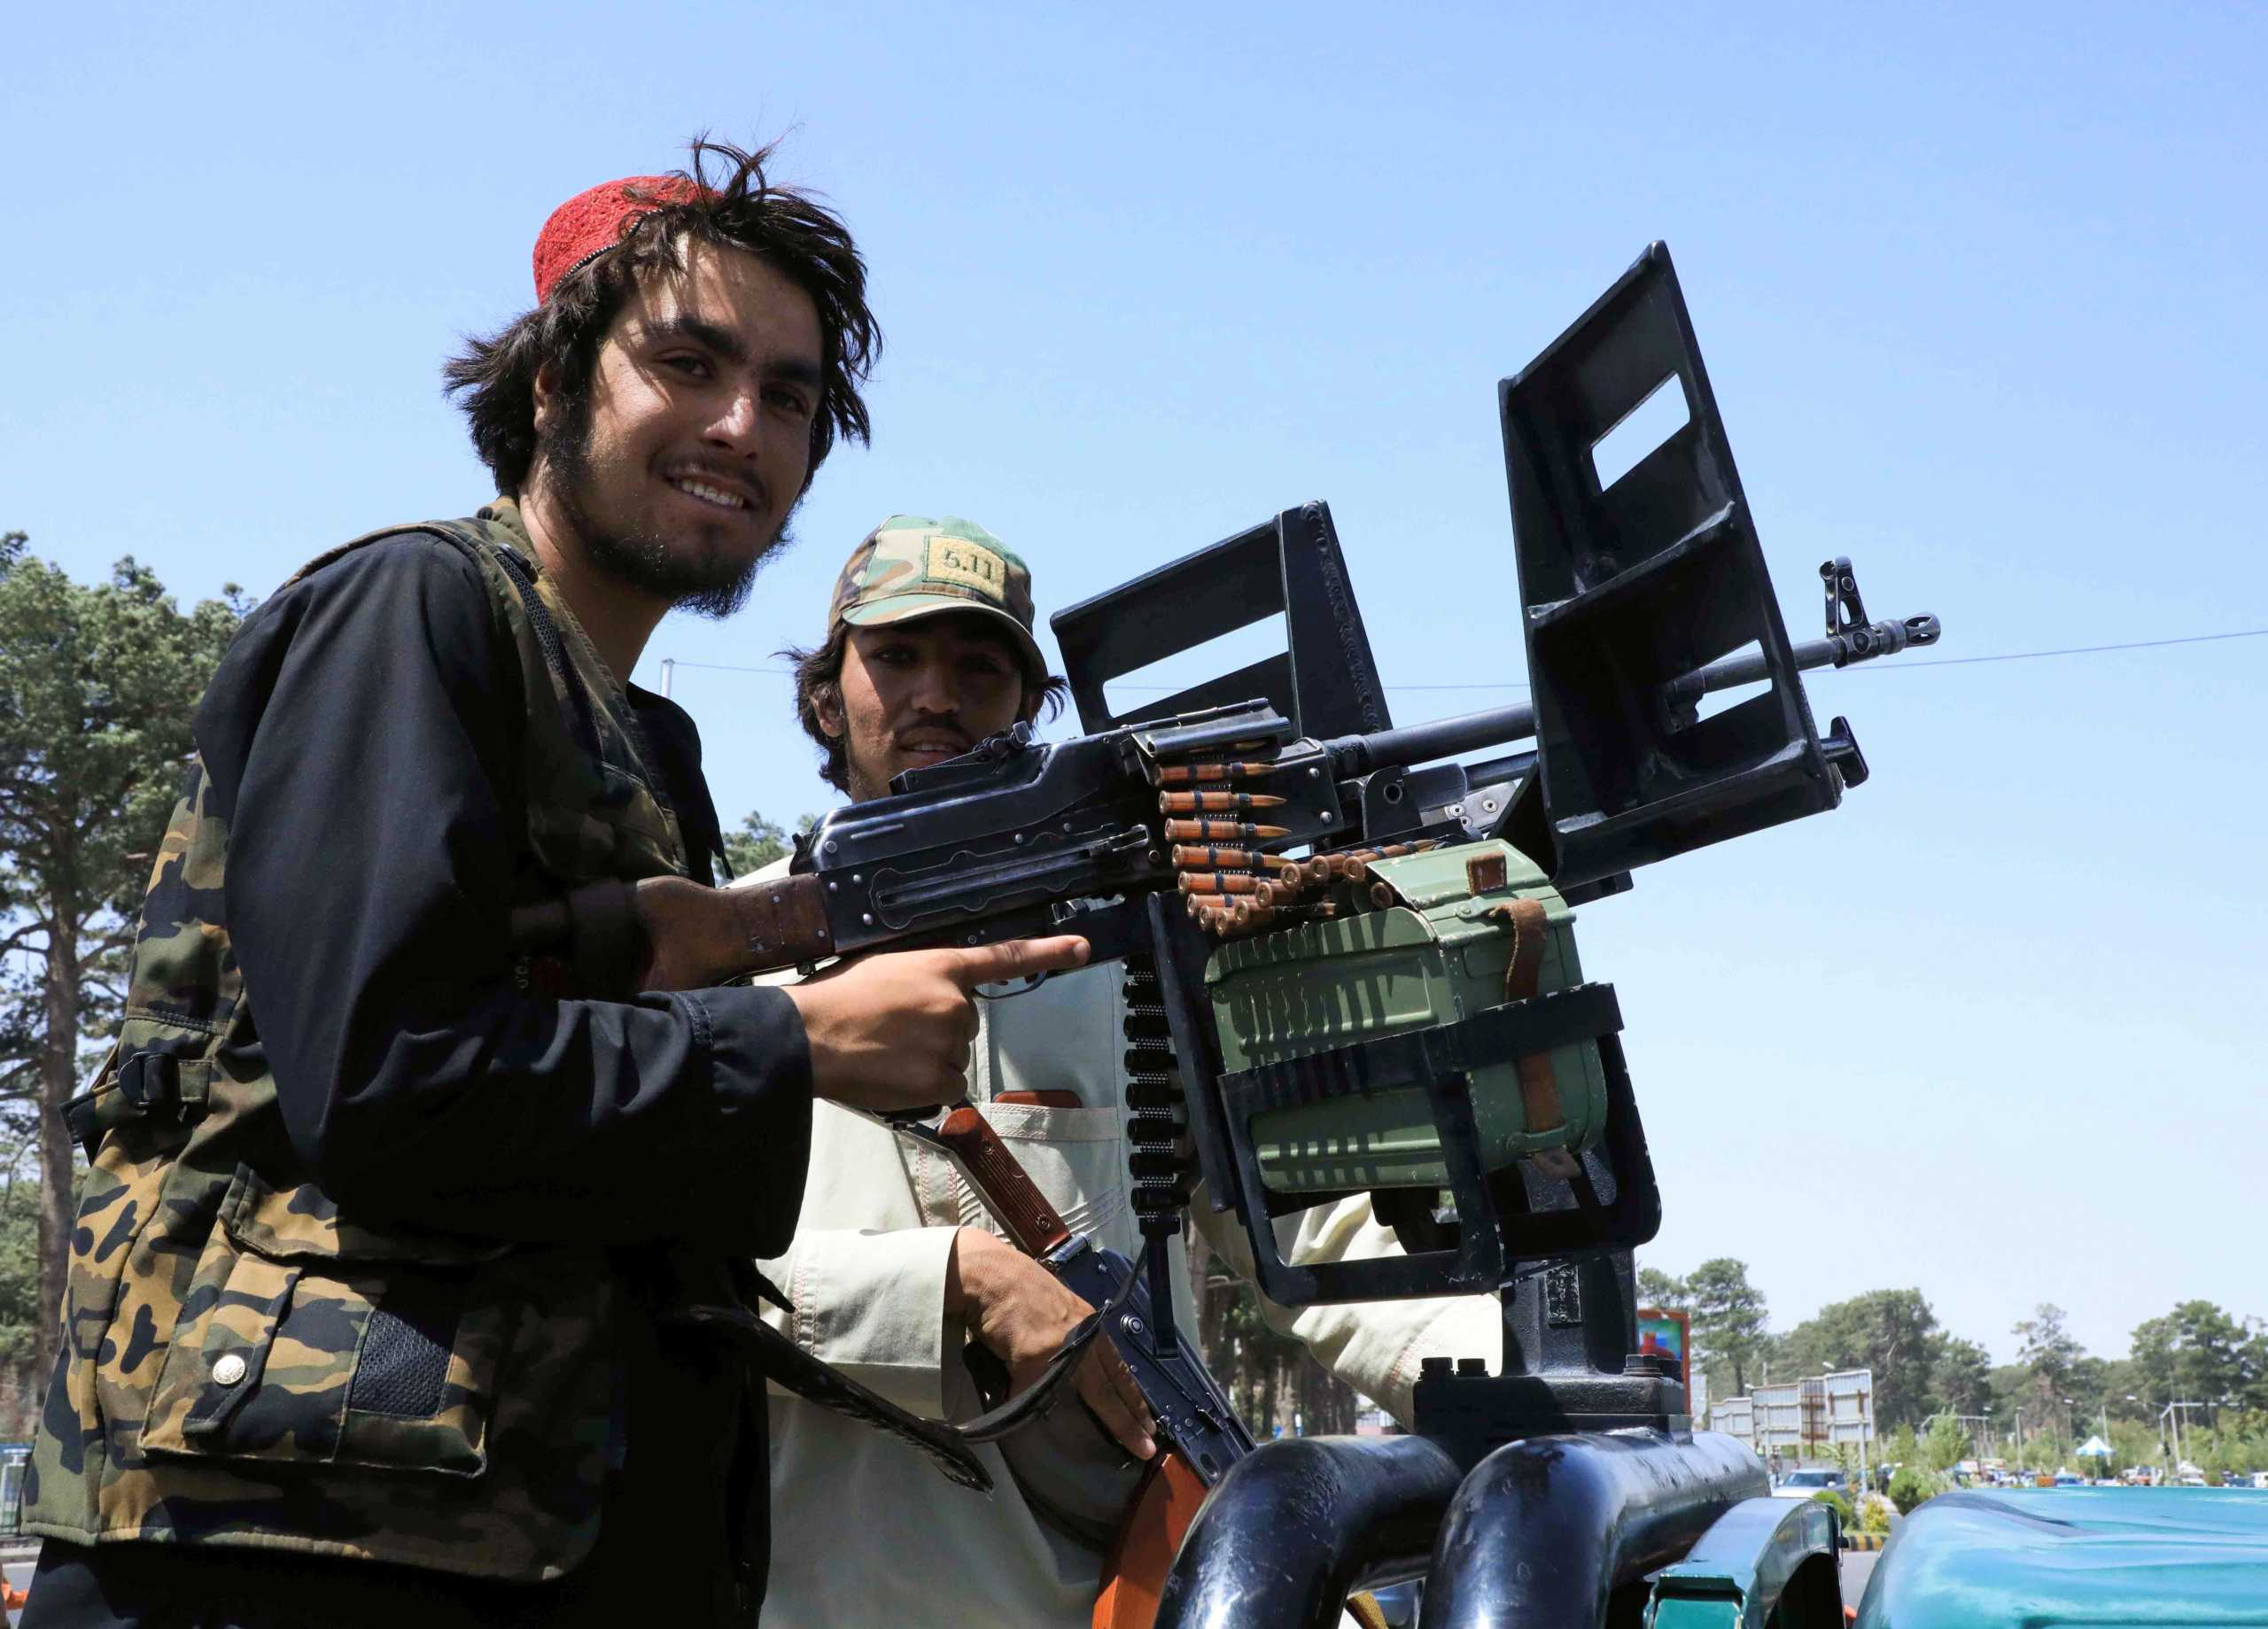 Αφγανιστάν: Συνωμοσία «βλέπει» ο επικεφαλής της Κεντρικής Τράπεζας – Διέφυγε με στρατιωτικό αεροπλάνο